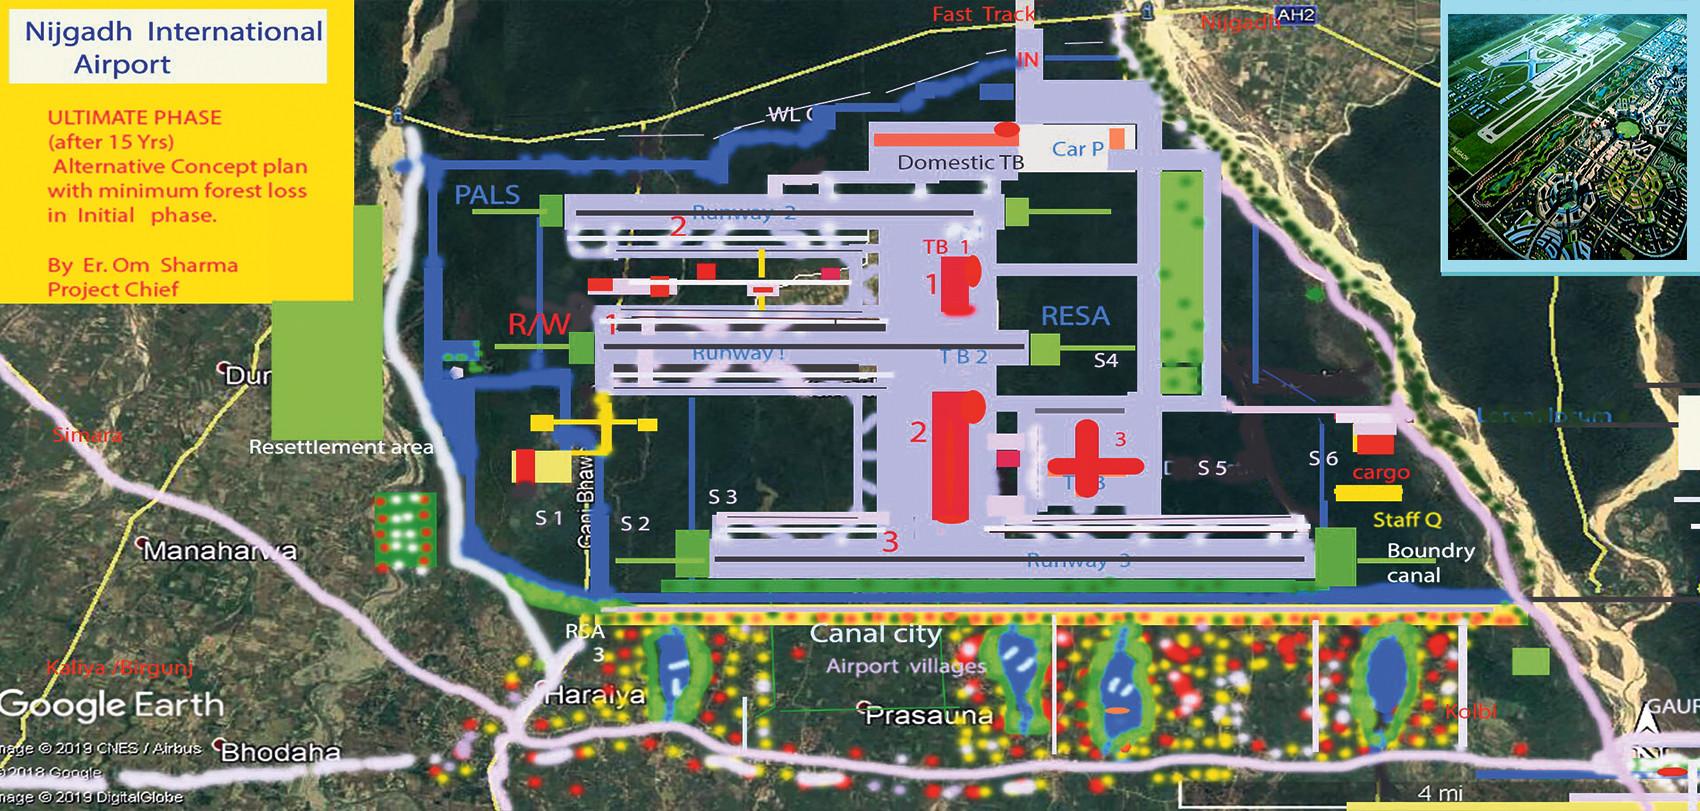 वातावरण अभियन्ताको माग:निजगढमा विमानस्थल बनाउनै हुँदैन